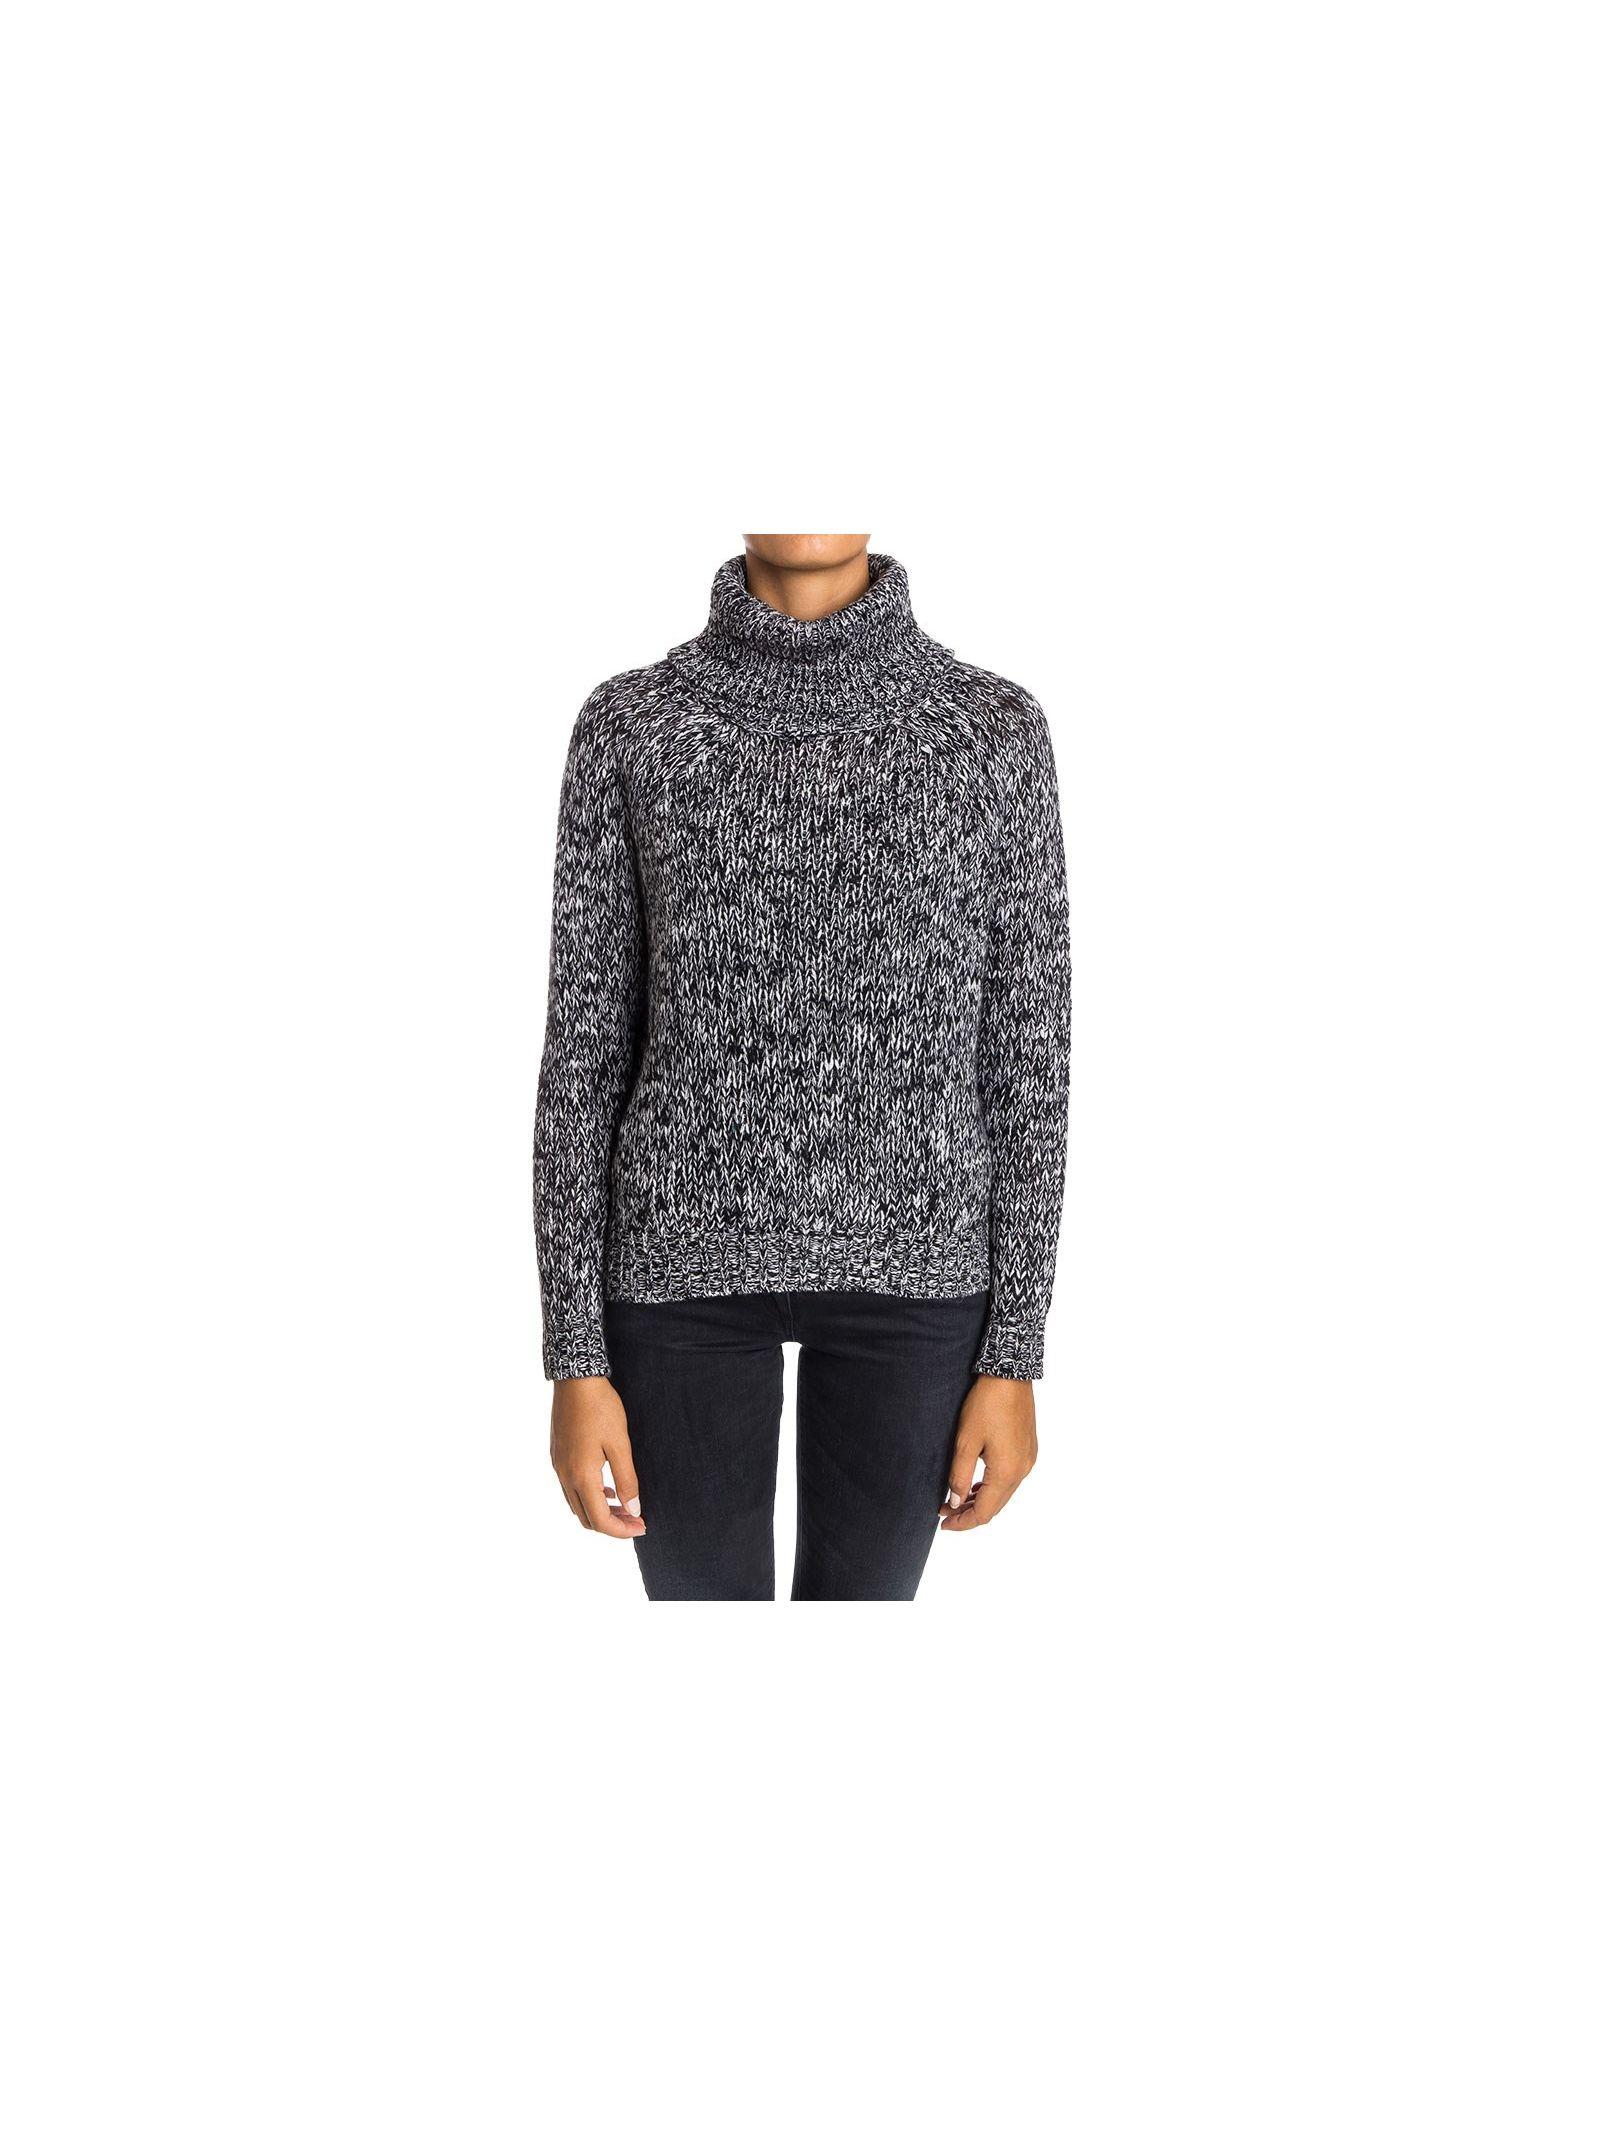 360 Cashmire - Turtleneck Sweater - Ani